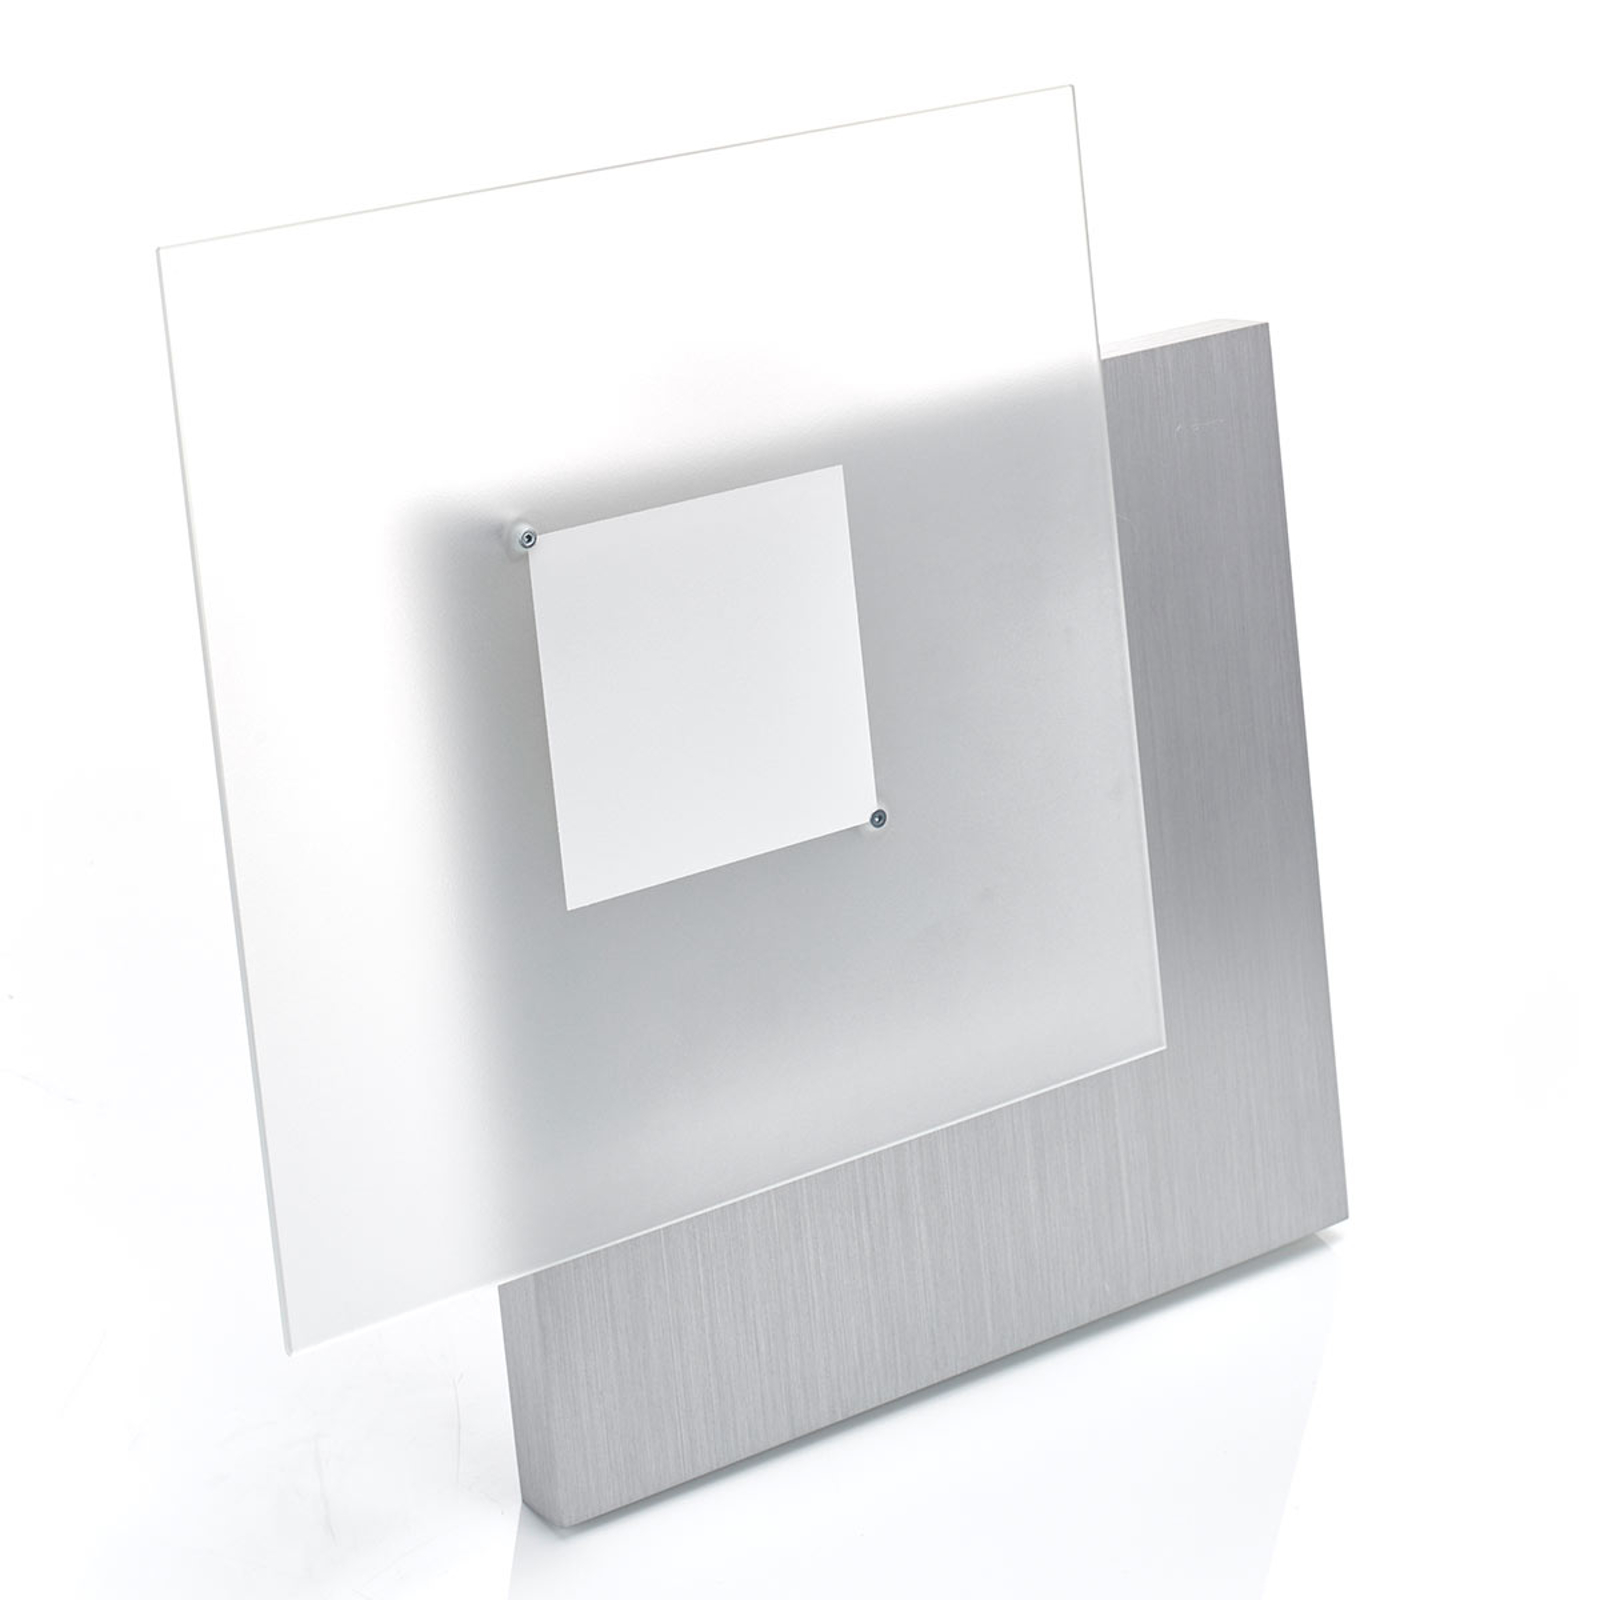 Plafonnier LED insolite Flat à intensité variable